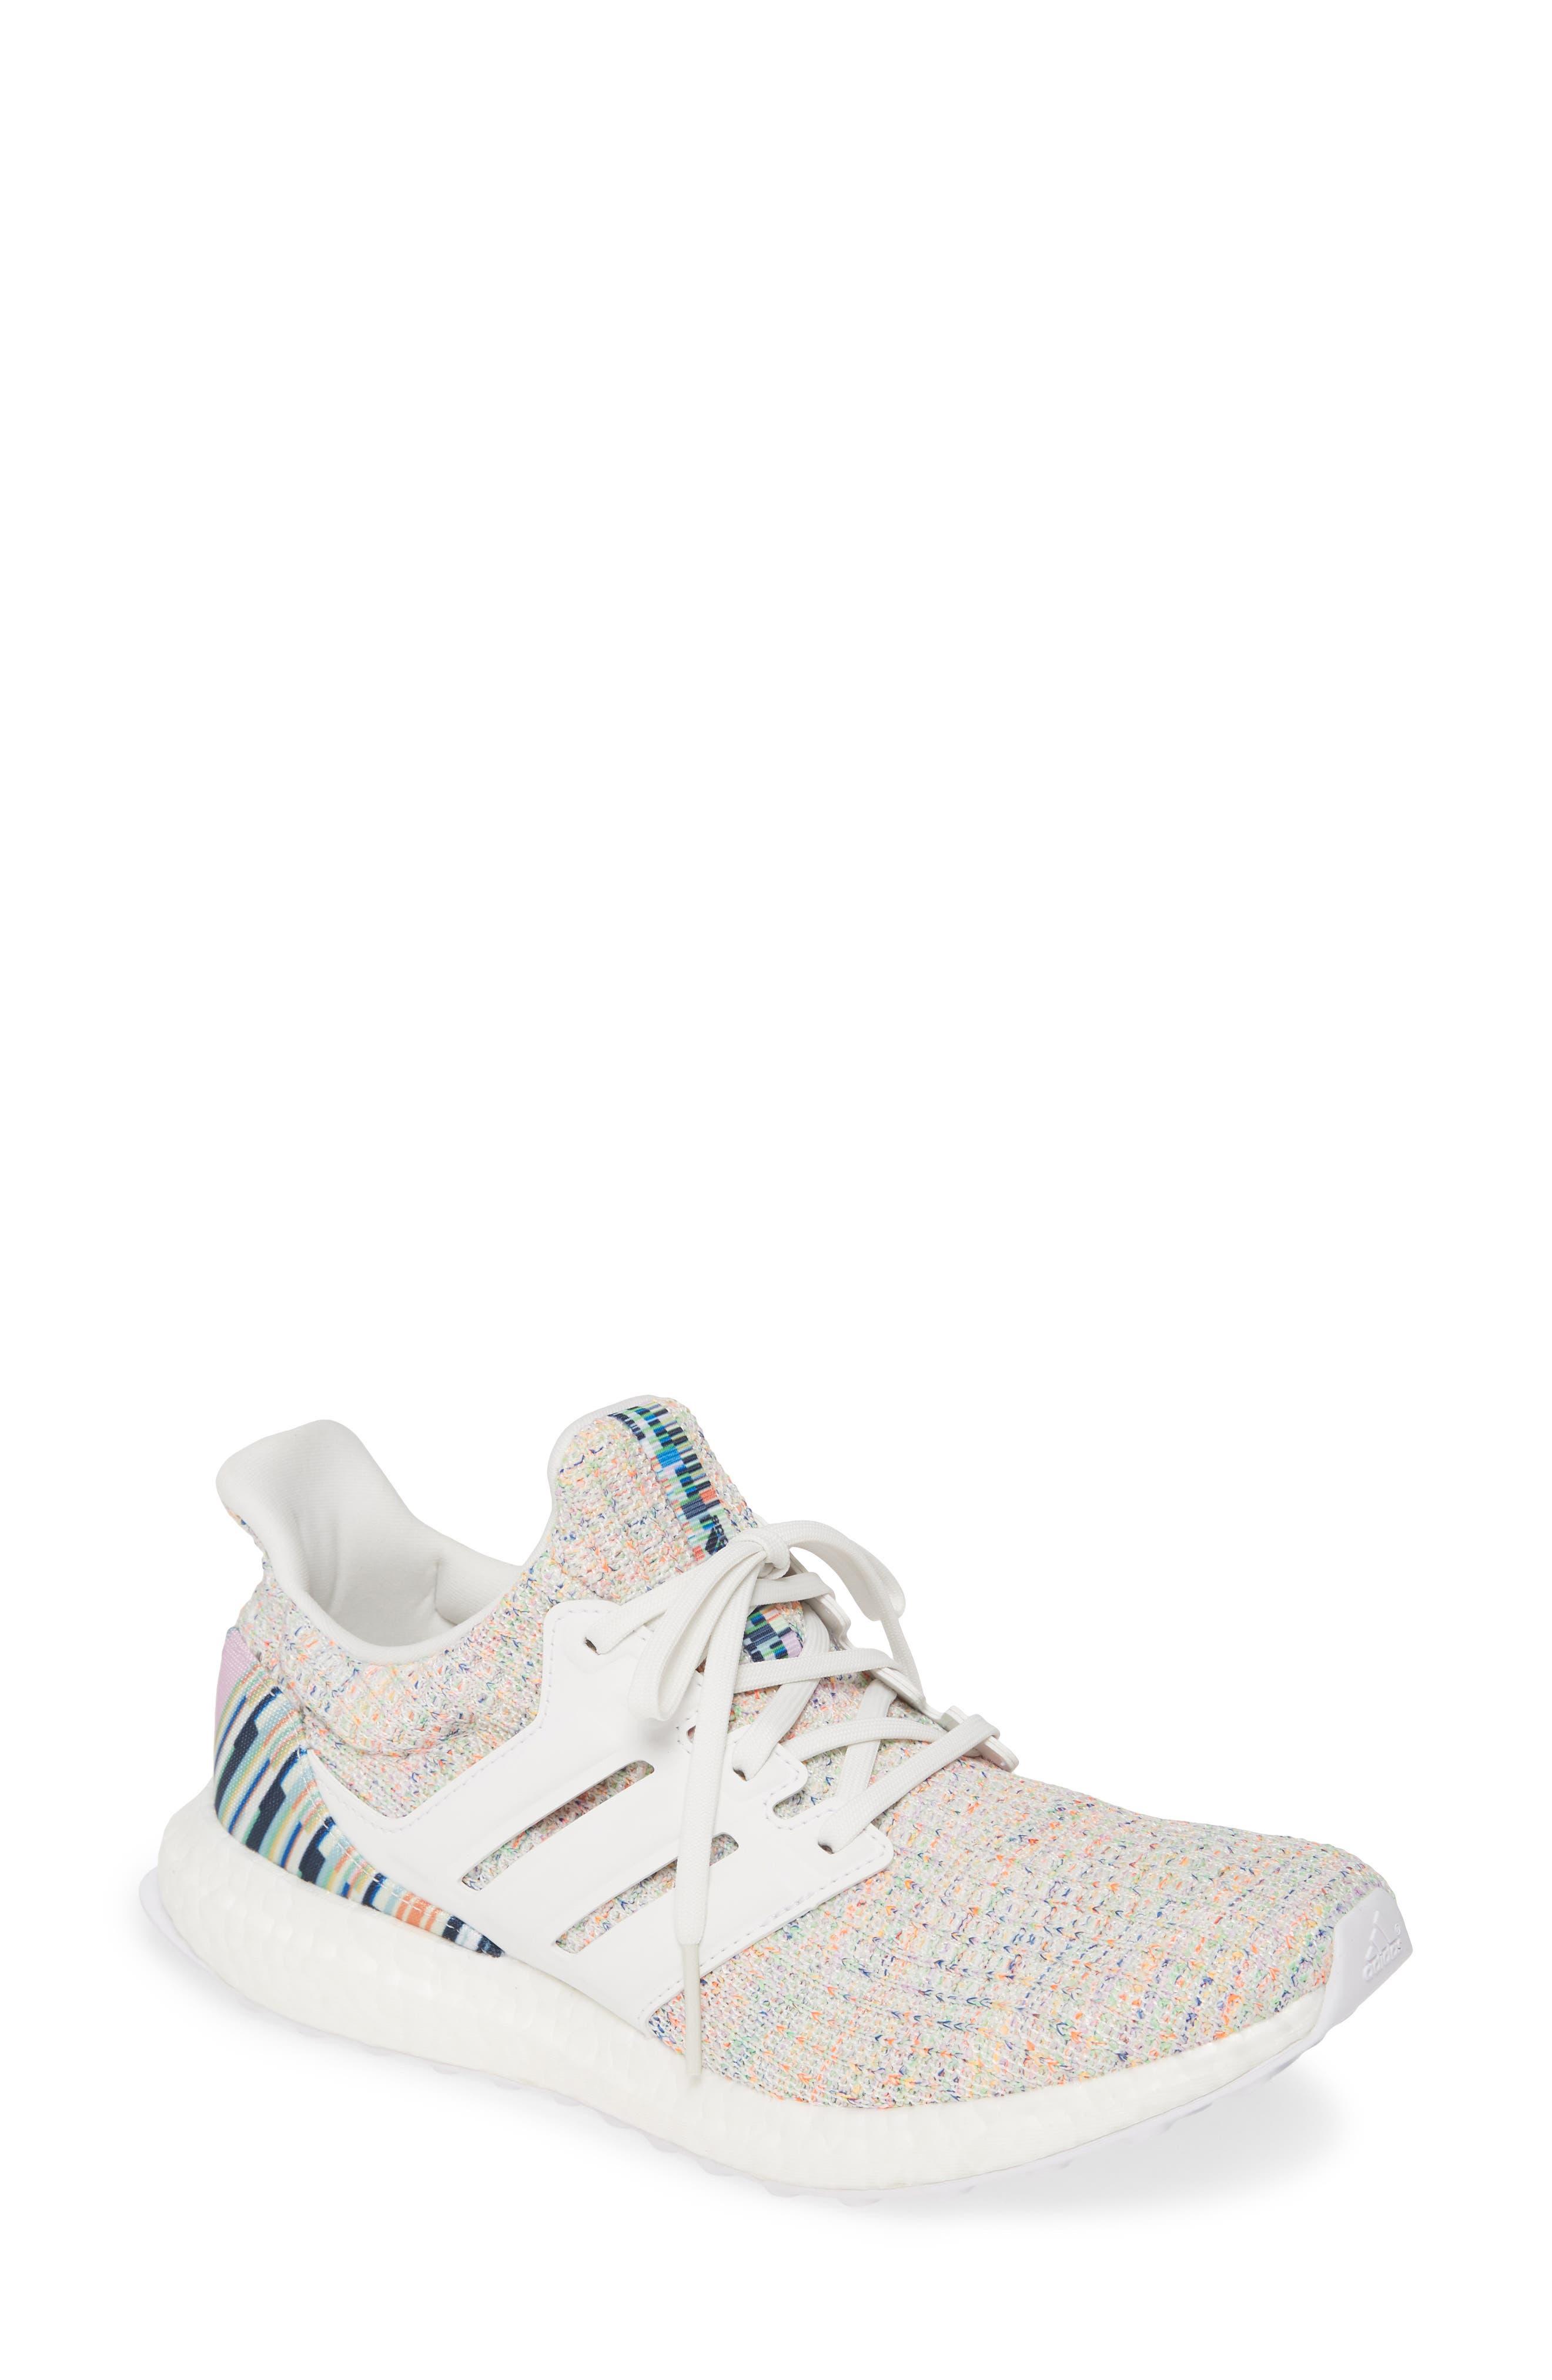 UltraBoost Running Shoe